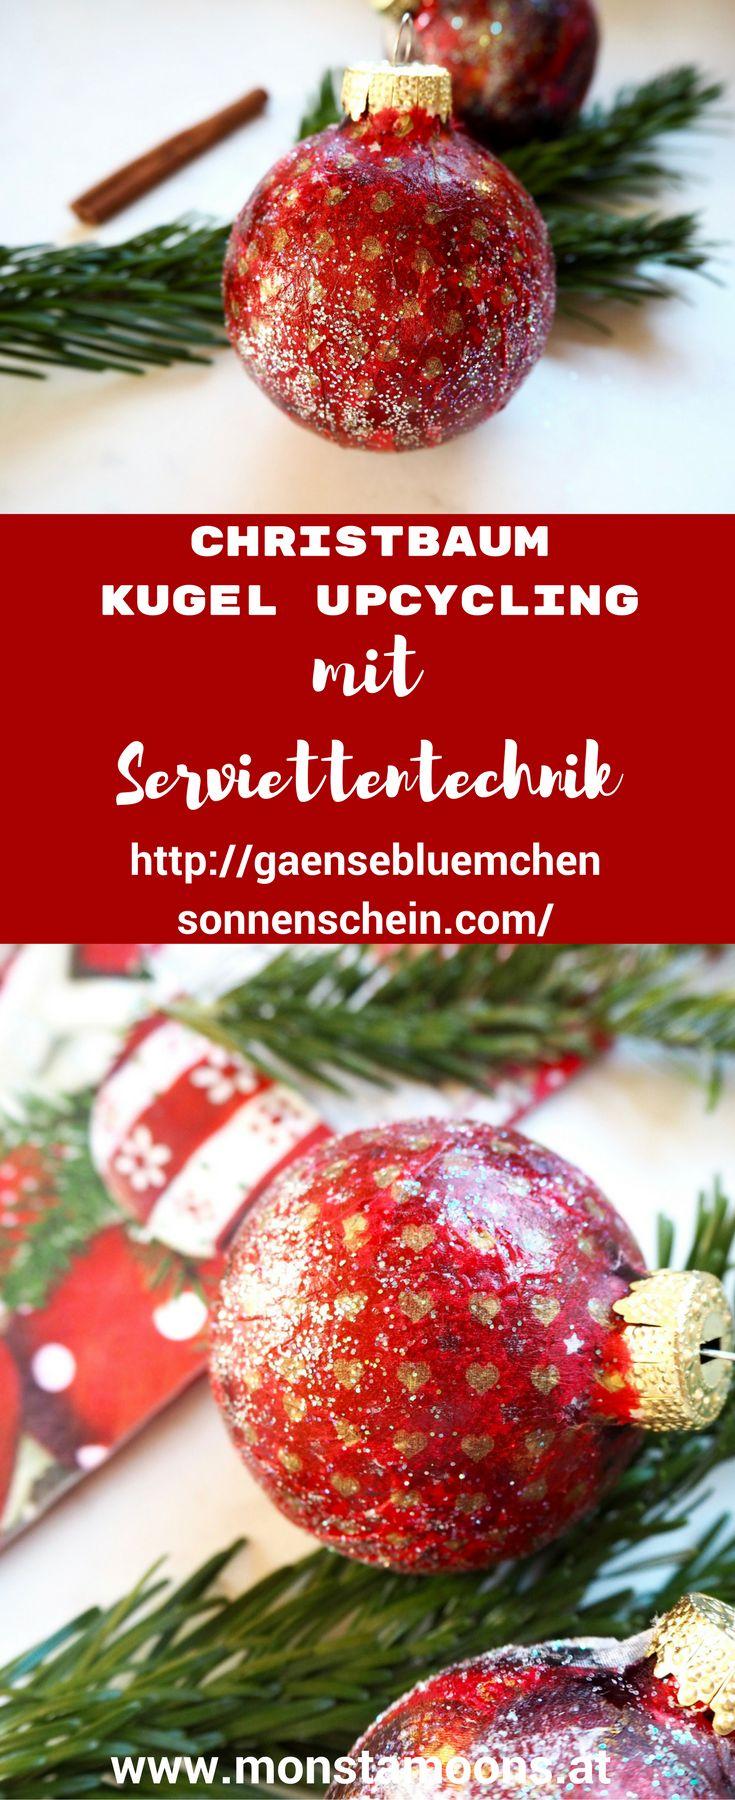 Christbaumkugel Uocycling, GäseblümchenundSonnenschein, Christbaumkugel  Pimpen, Serviettentechnik, Christmas Crafts, Basteln Für Weihnachten